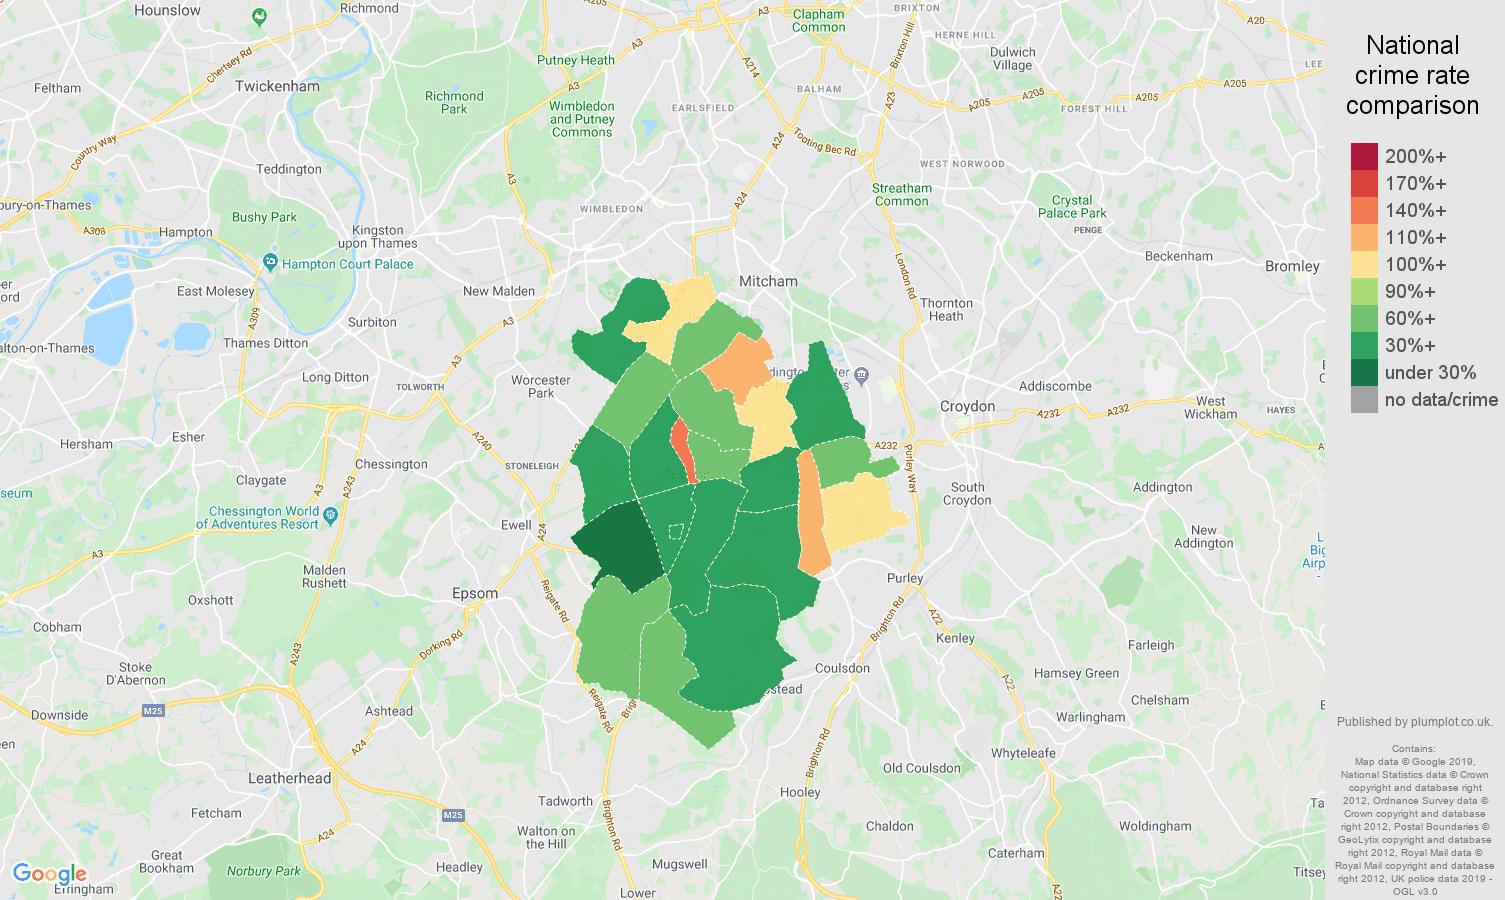 Sutton public order crime rate comparison map